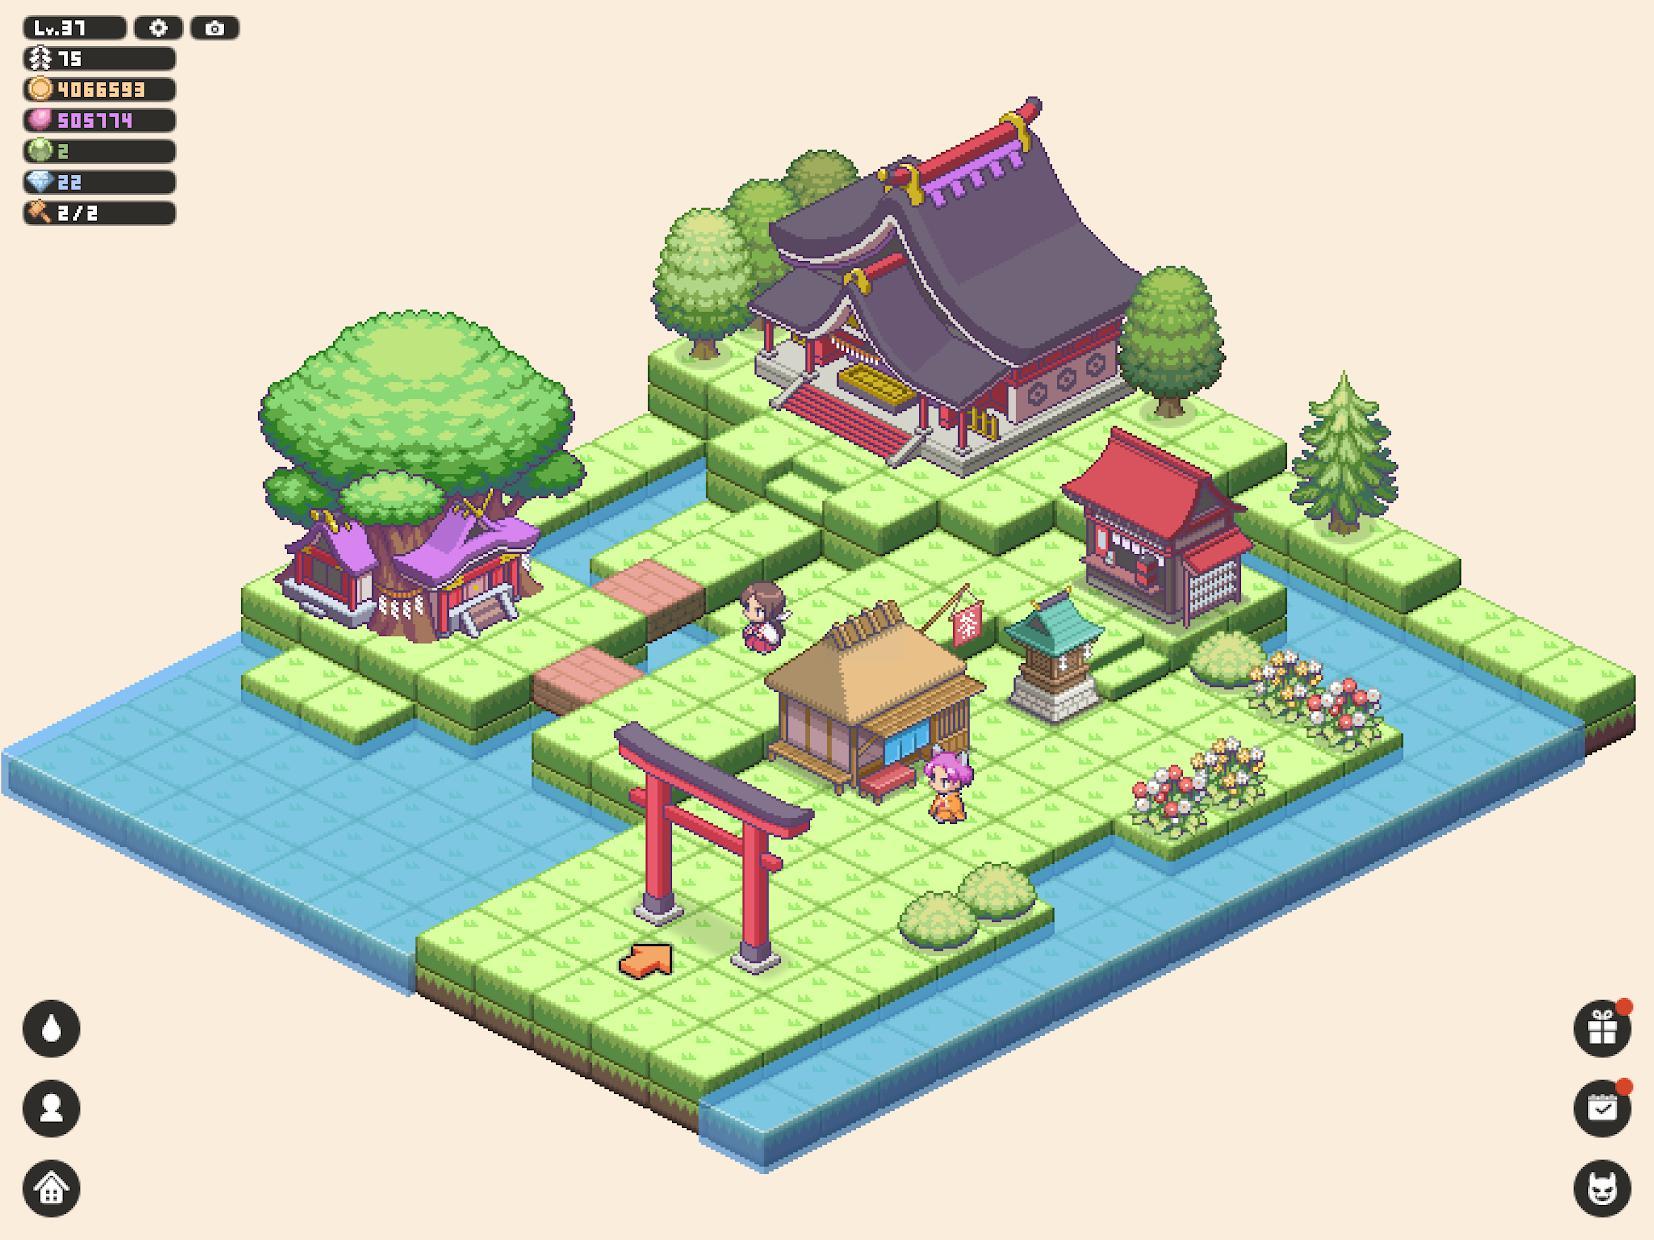 箱庭神社 游戏截图4